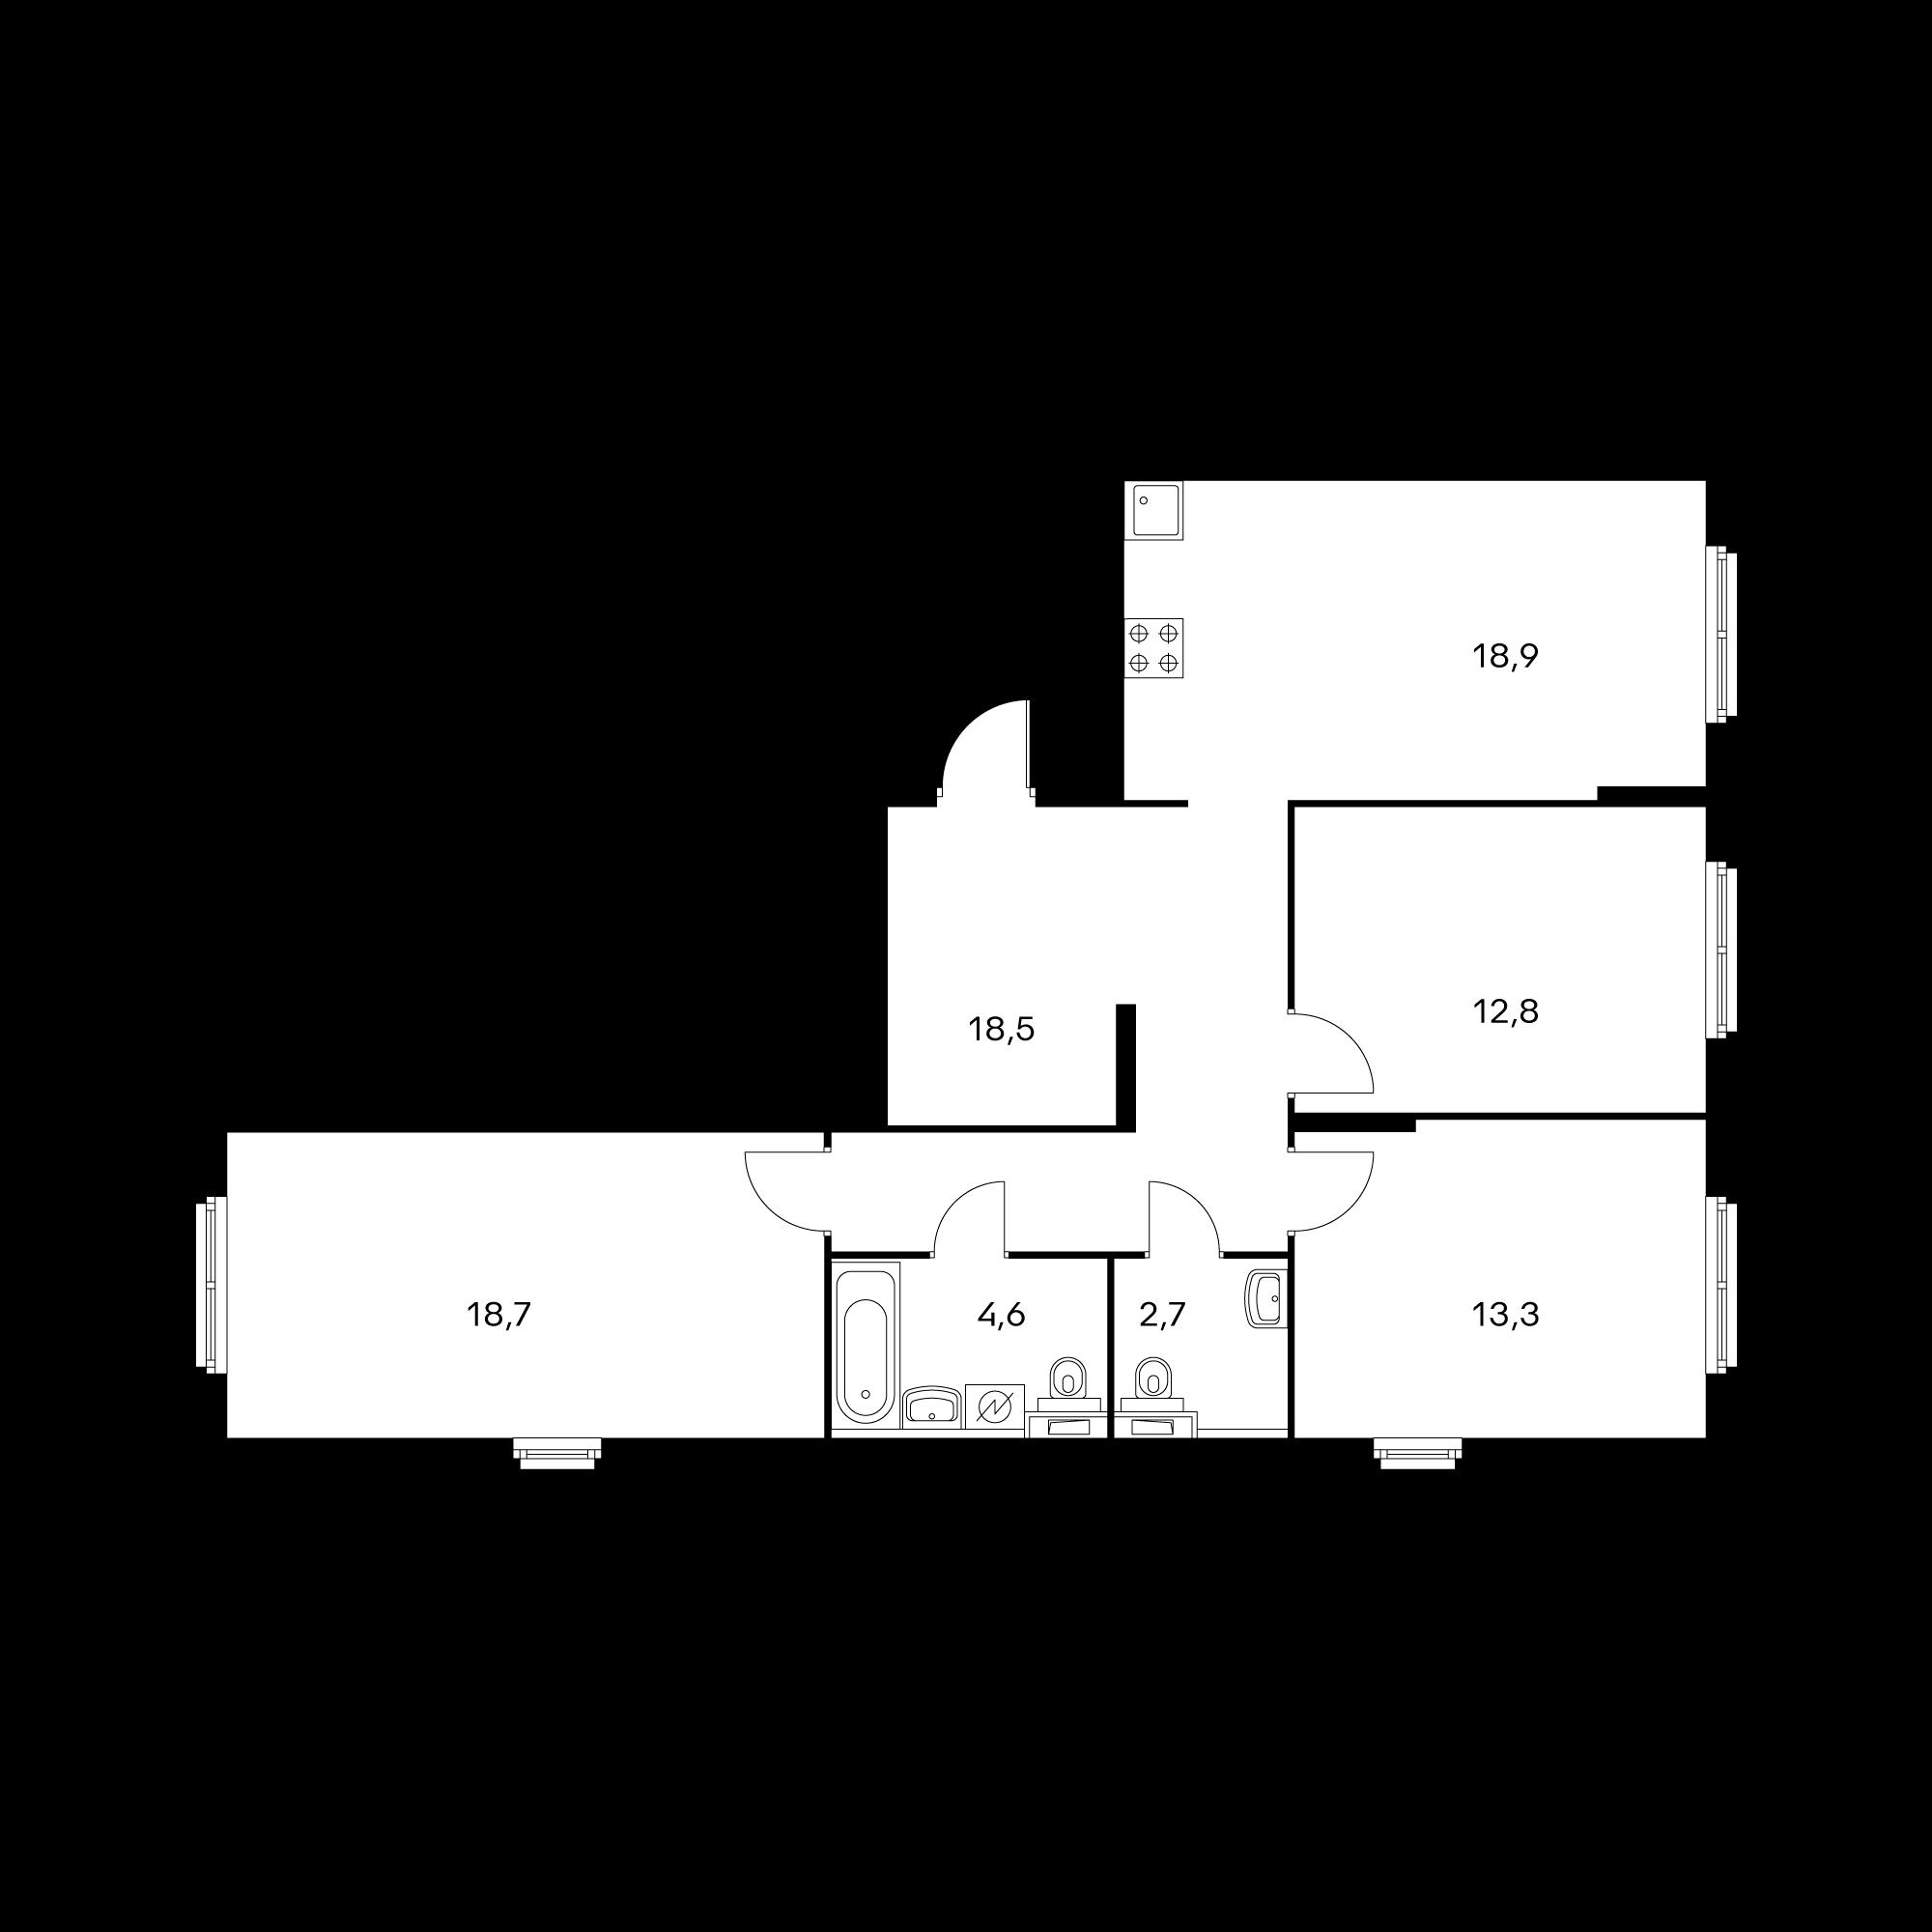 3EL3_9.9-1_T_Z